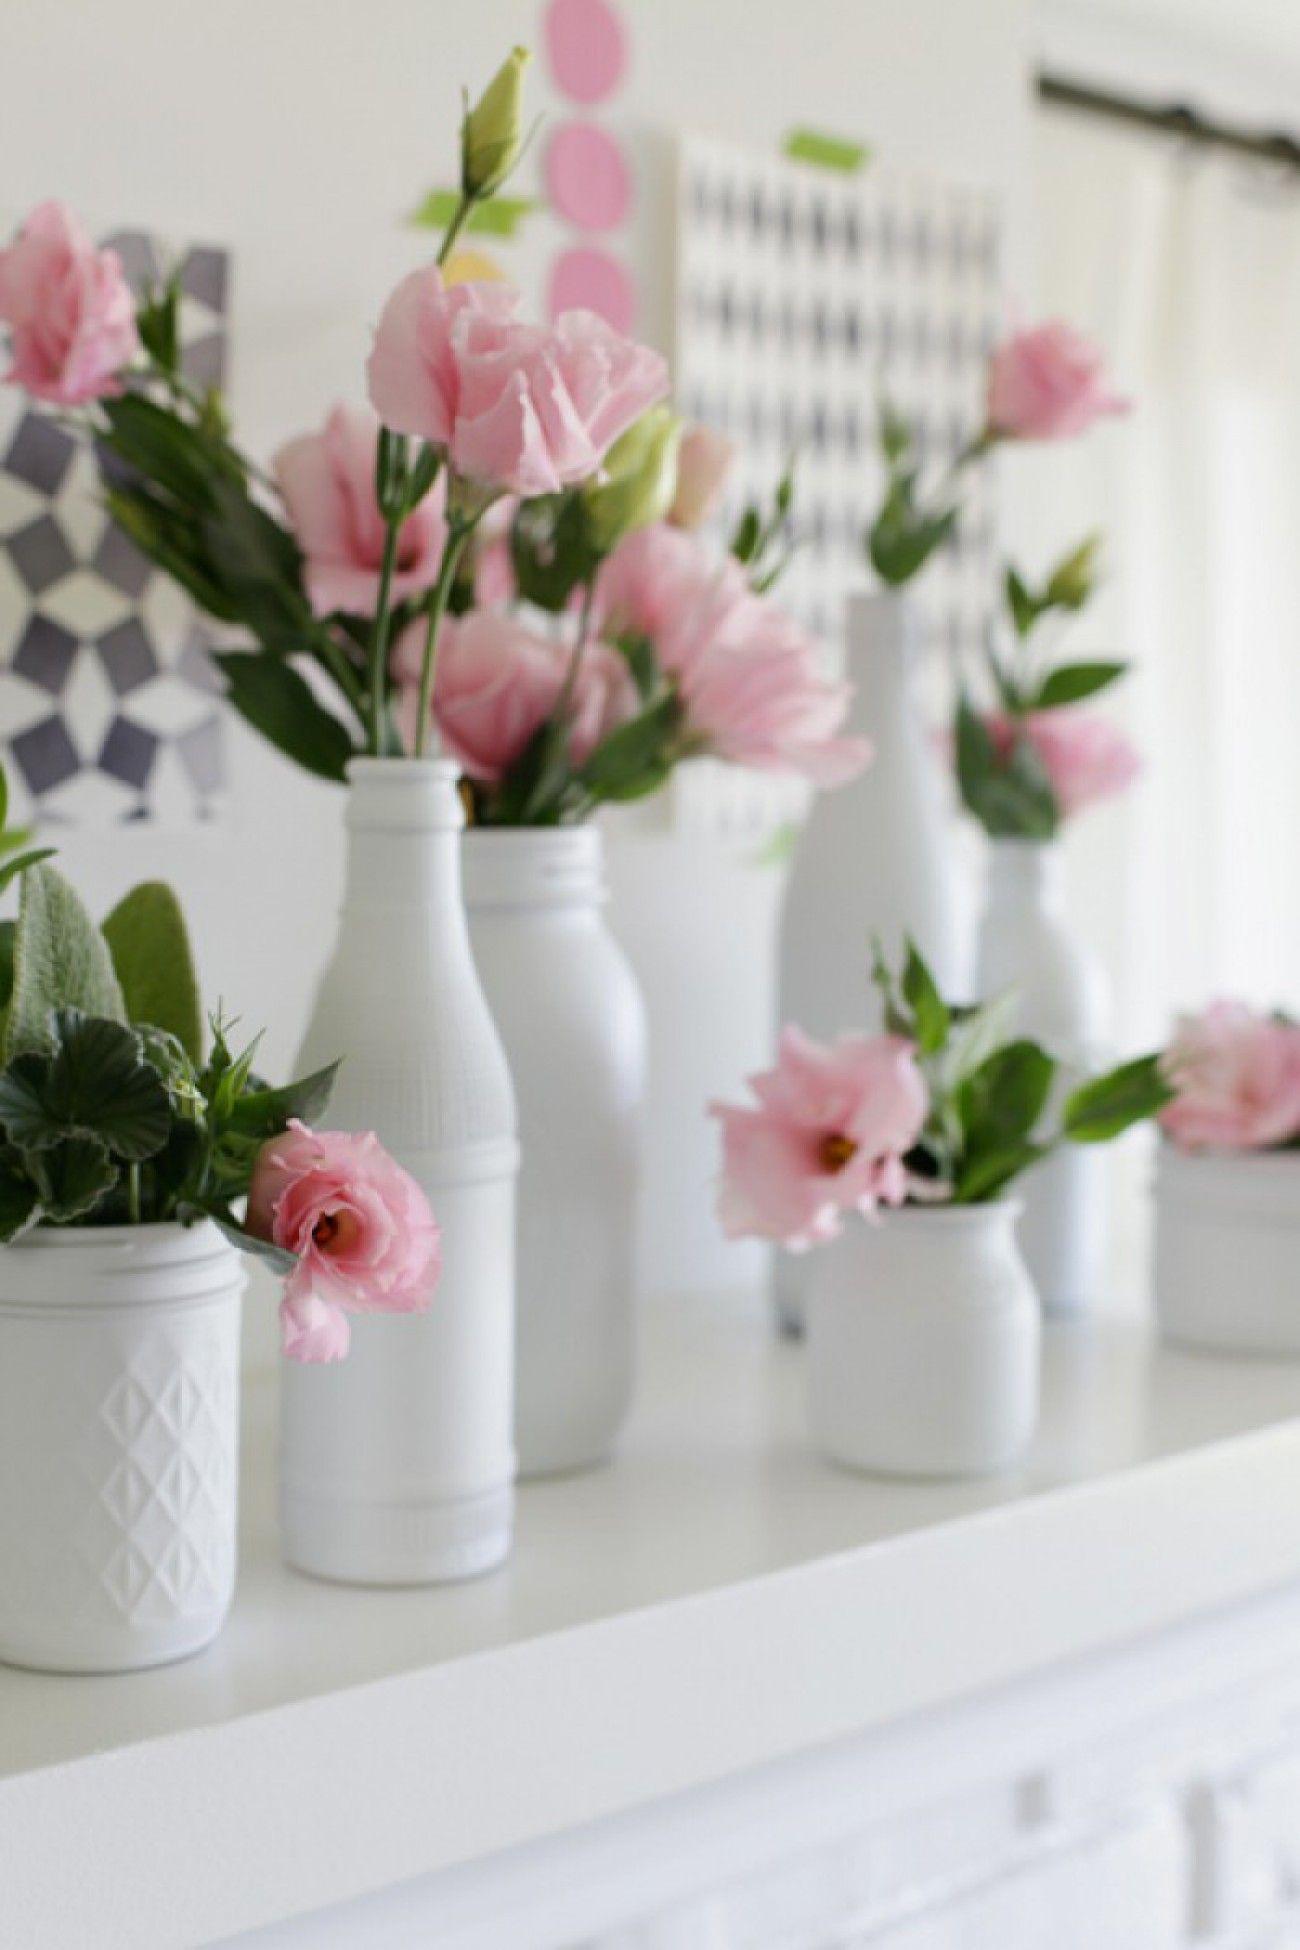 klasse idee alte flaschen und marmeladengl ser mit wei er farbe bespr hen und als vasen. Black Bedroom Furniture Sets. Home Design Ideas